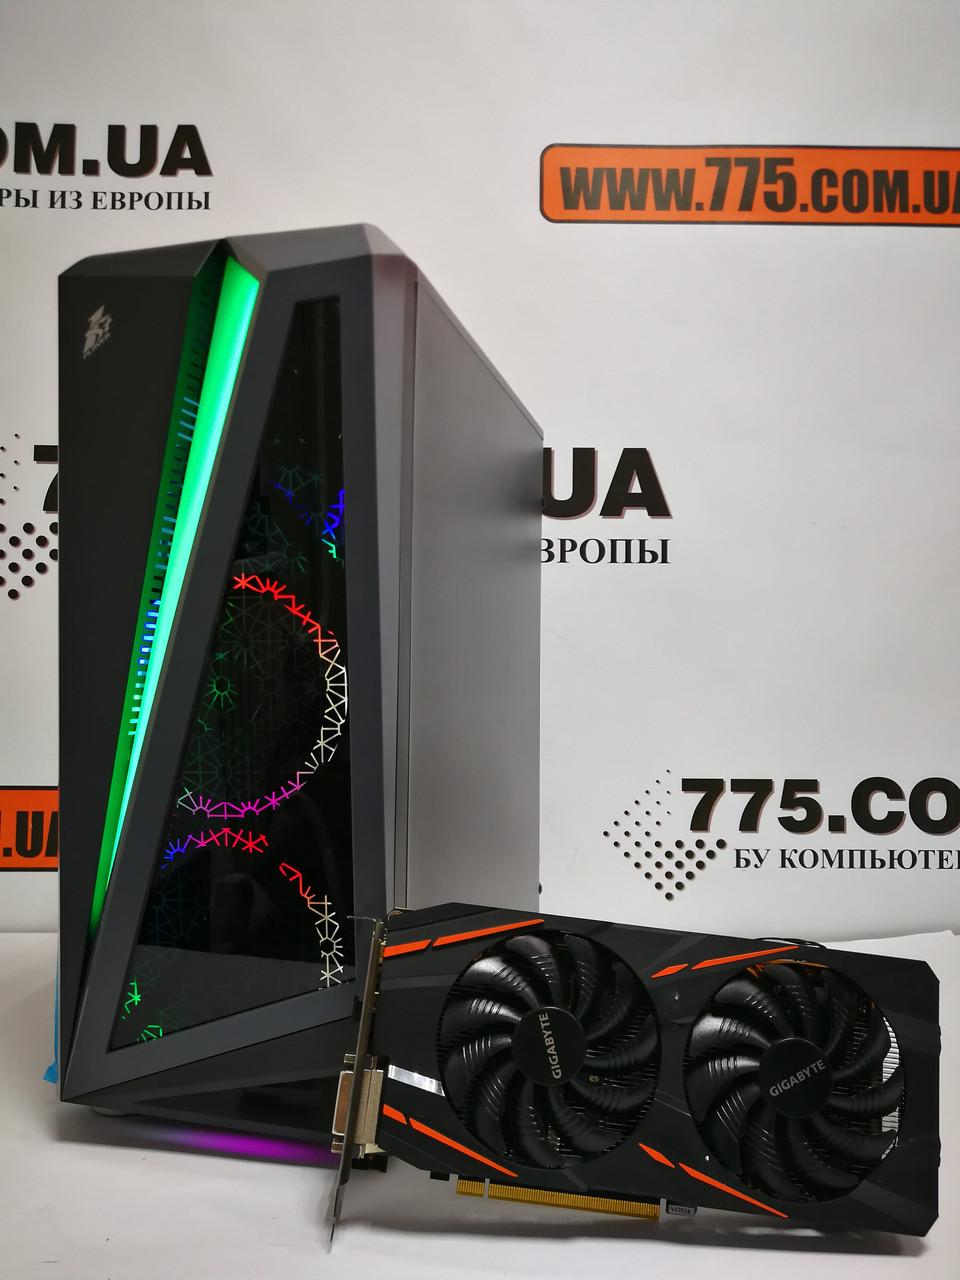 Игровой компьютер Intel Core i3-10100f 4.3GHz, RAM 8ГБ, SSD 120ГБ, HDD 500ГБ, RX 580 4ГБ